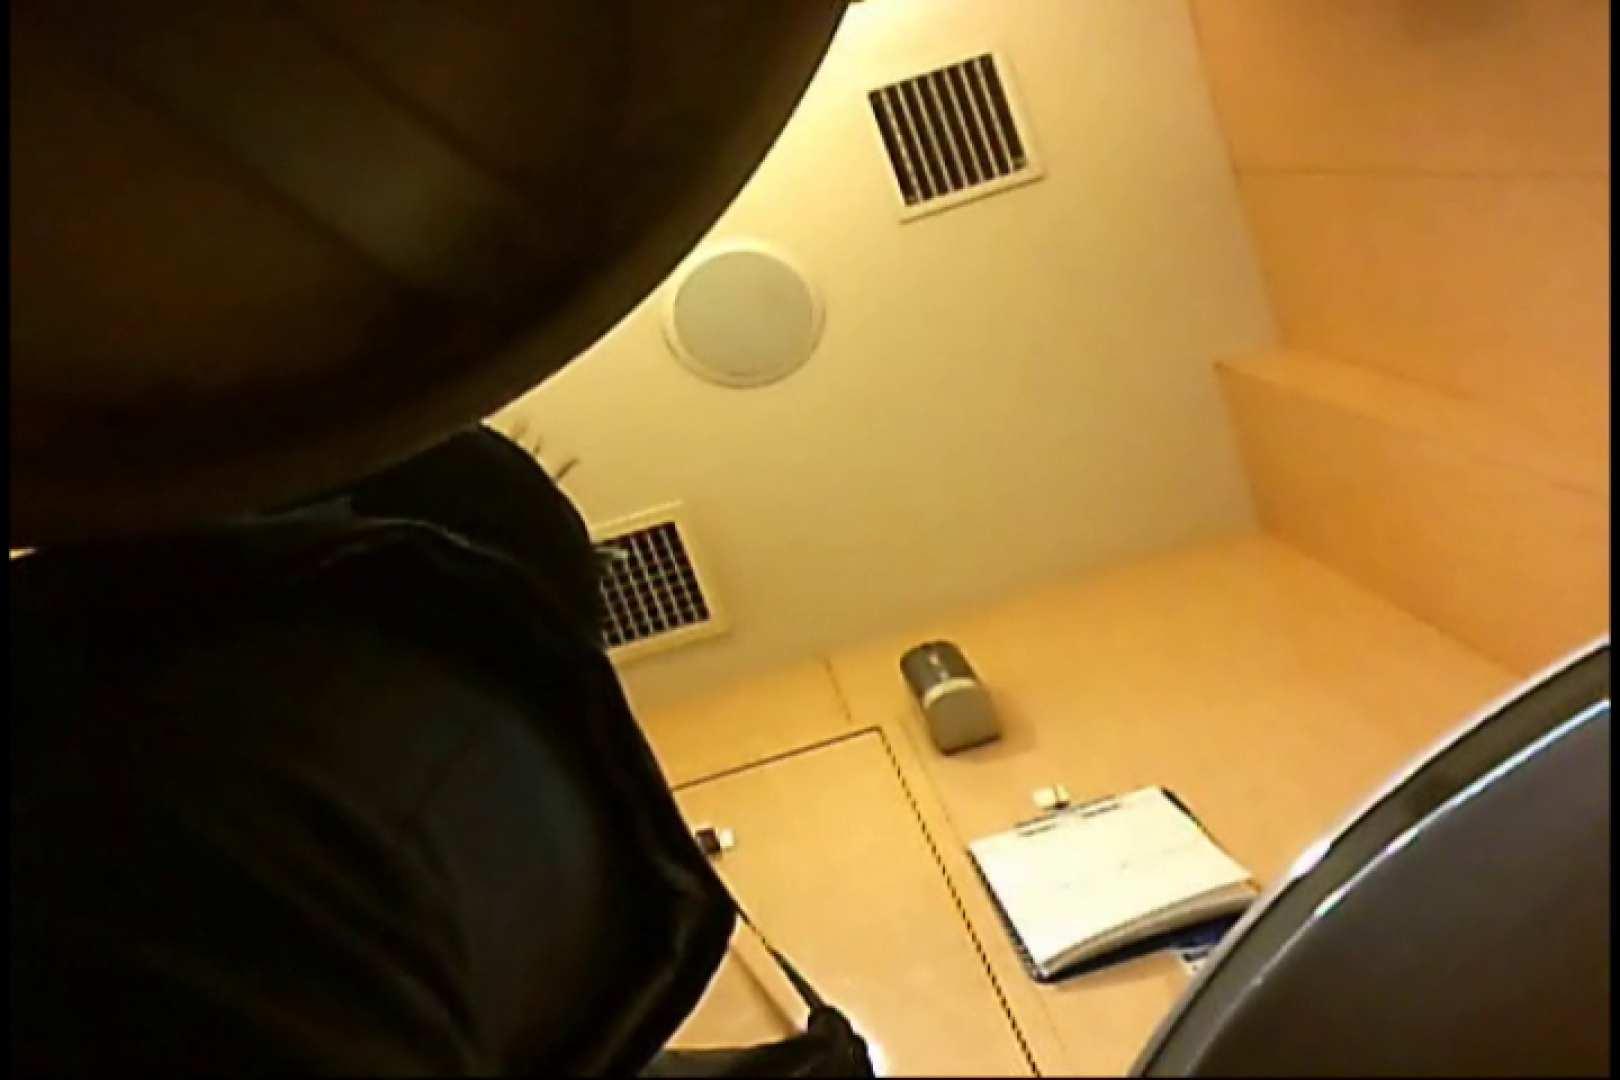 実録!魂の女子化粧室盗撮!!~隠れ潜む特殊カメラ~vo,23 お尻 盗撮AV動画キャプチャ 84画像 19